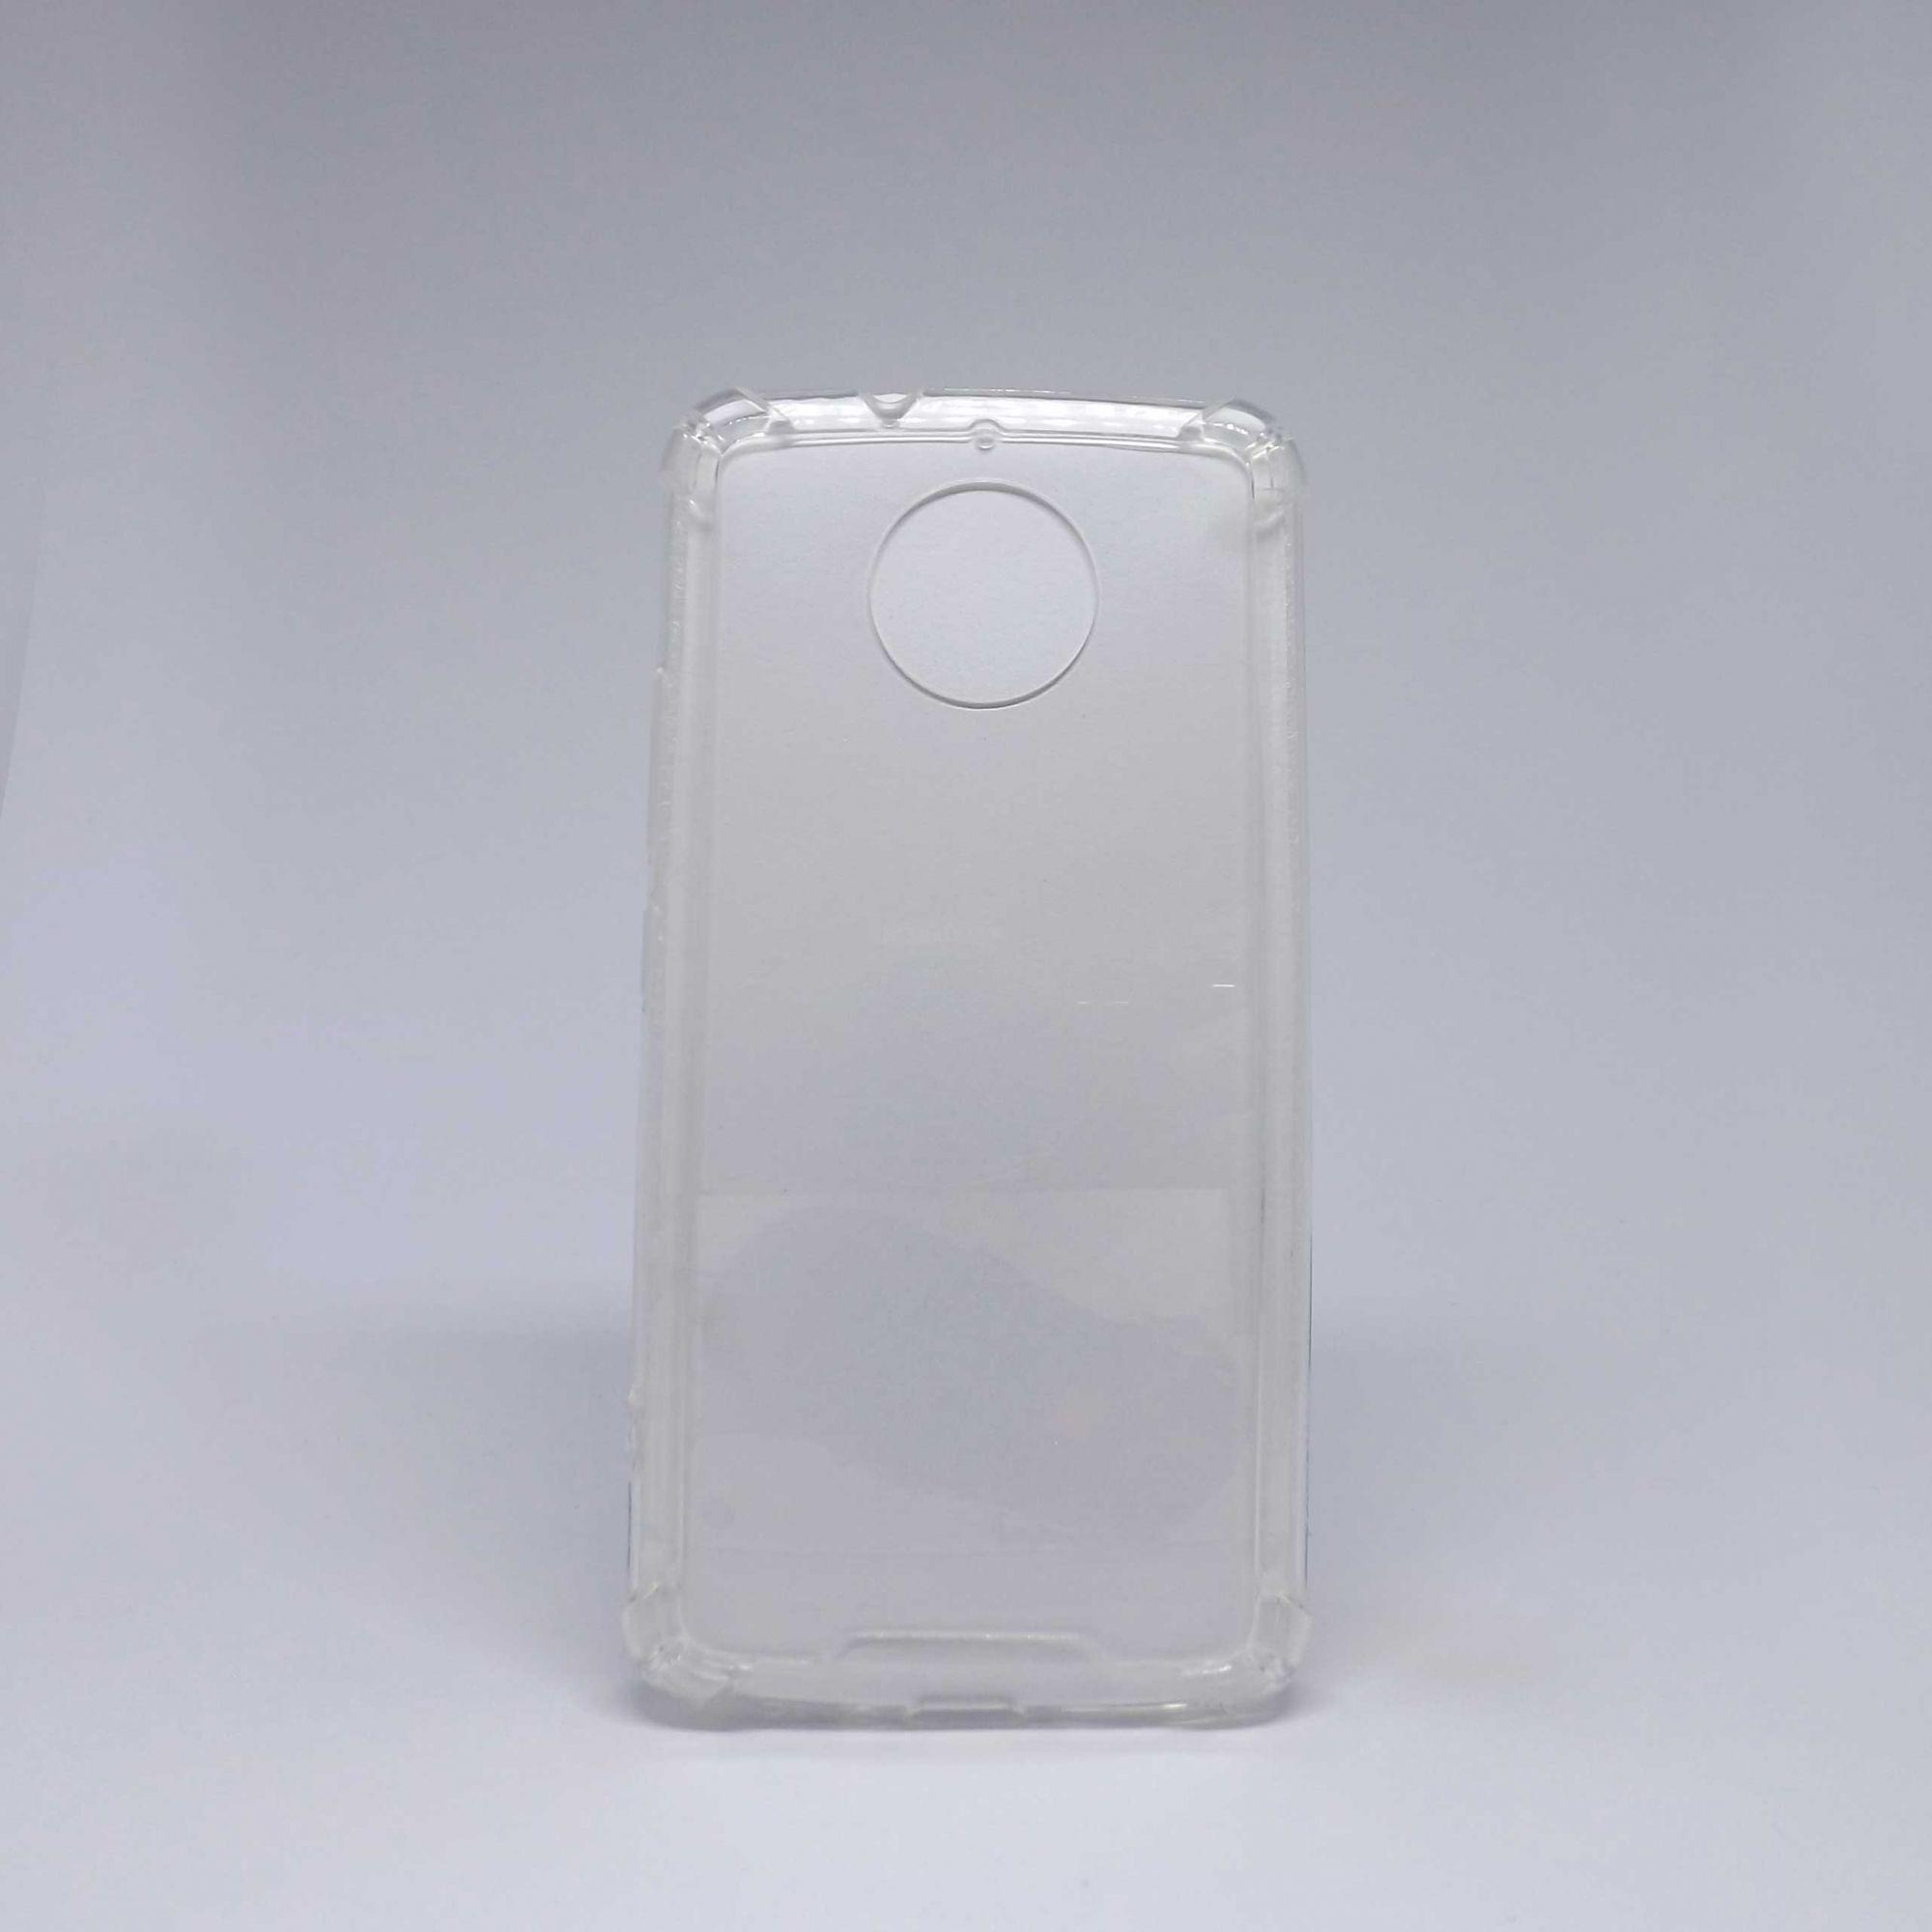 Capa Motorola G5s Antiqueda Transparente